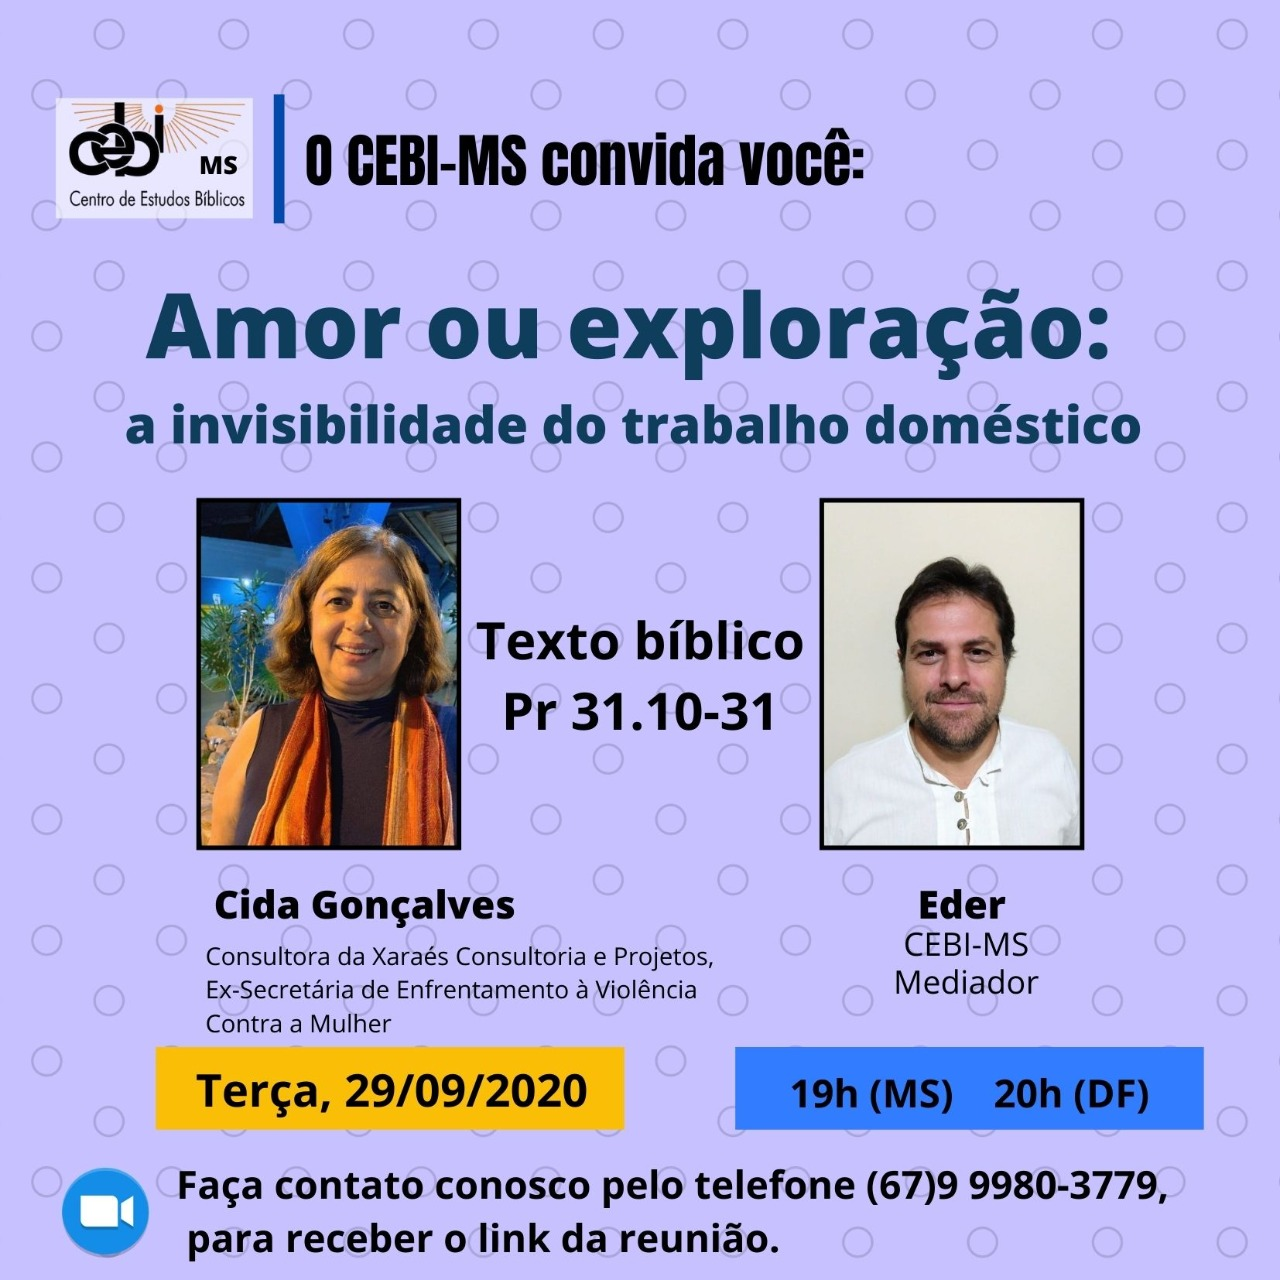 CEBI Mato Grosso do Sul debaterá a invisibilidade do trabalho doméstico